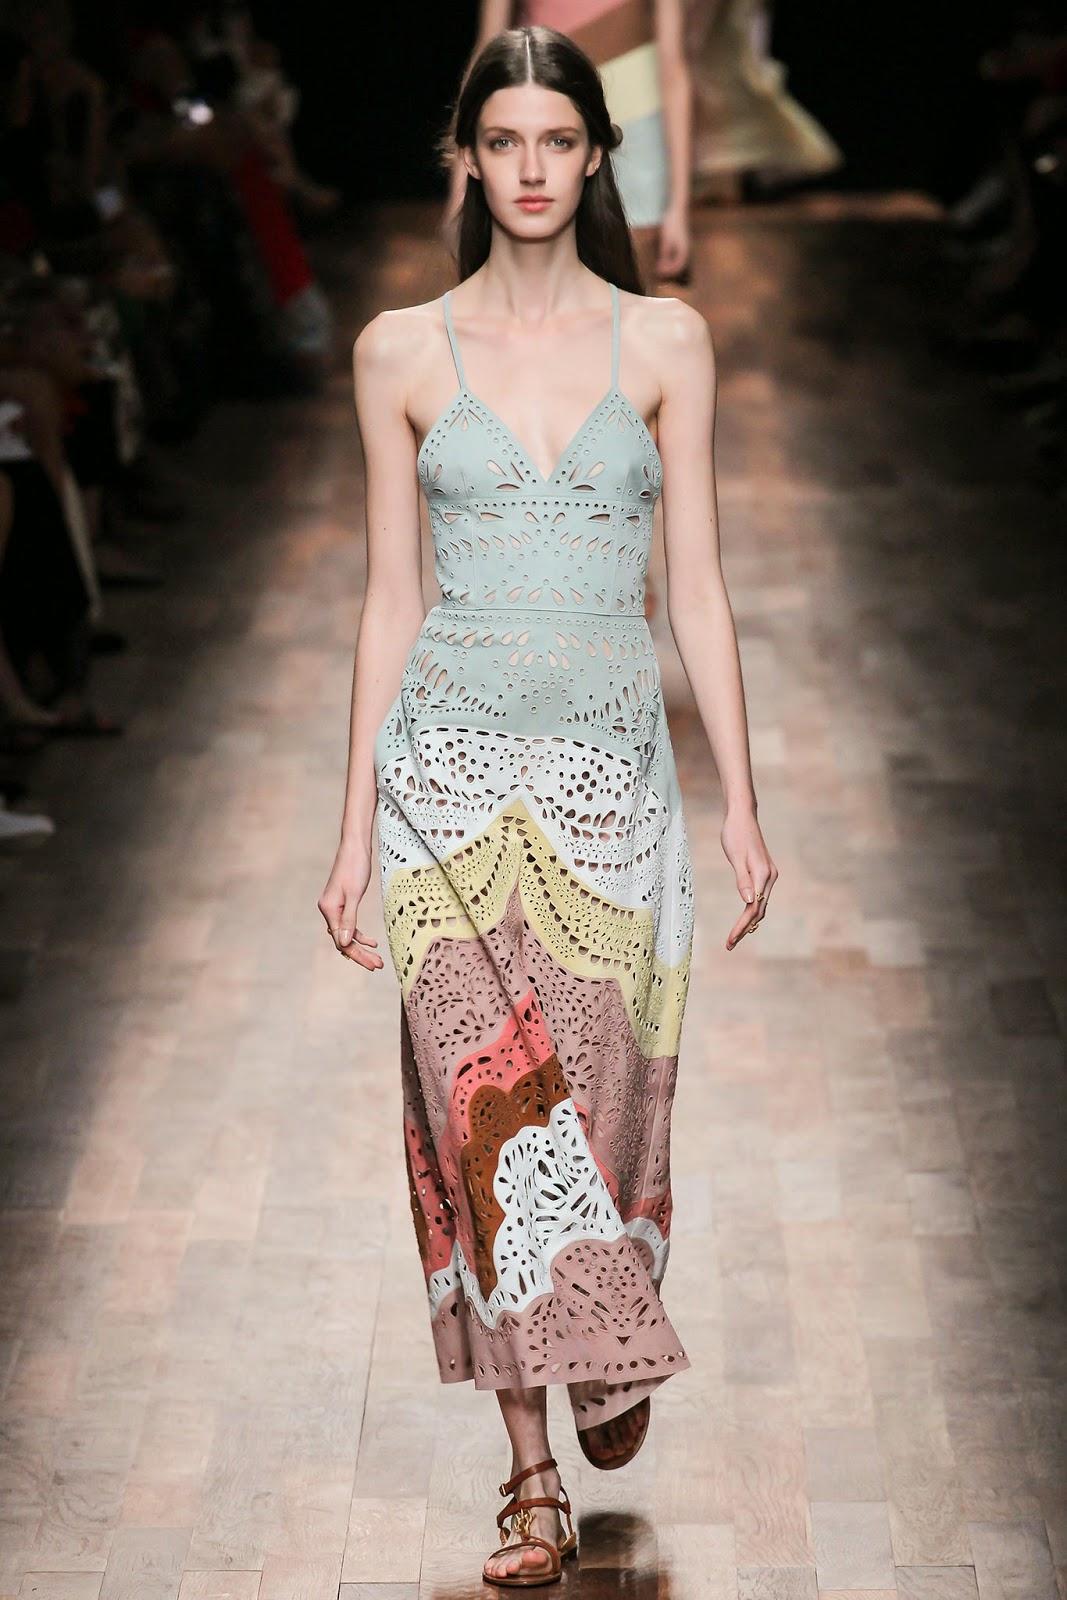 valentino 2015 summer 2016 trend women dress41 Valentino 2015 samling, våren sommaren 2016 Valentino klänning modeller, Valentino kväll klänning nya säsongen kvinnors kjolar modeller